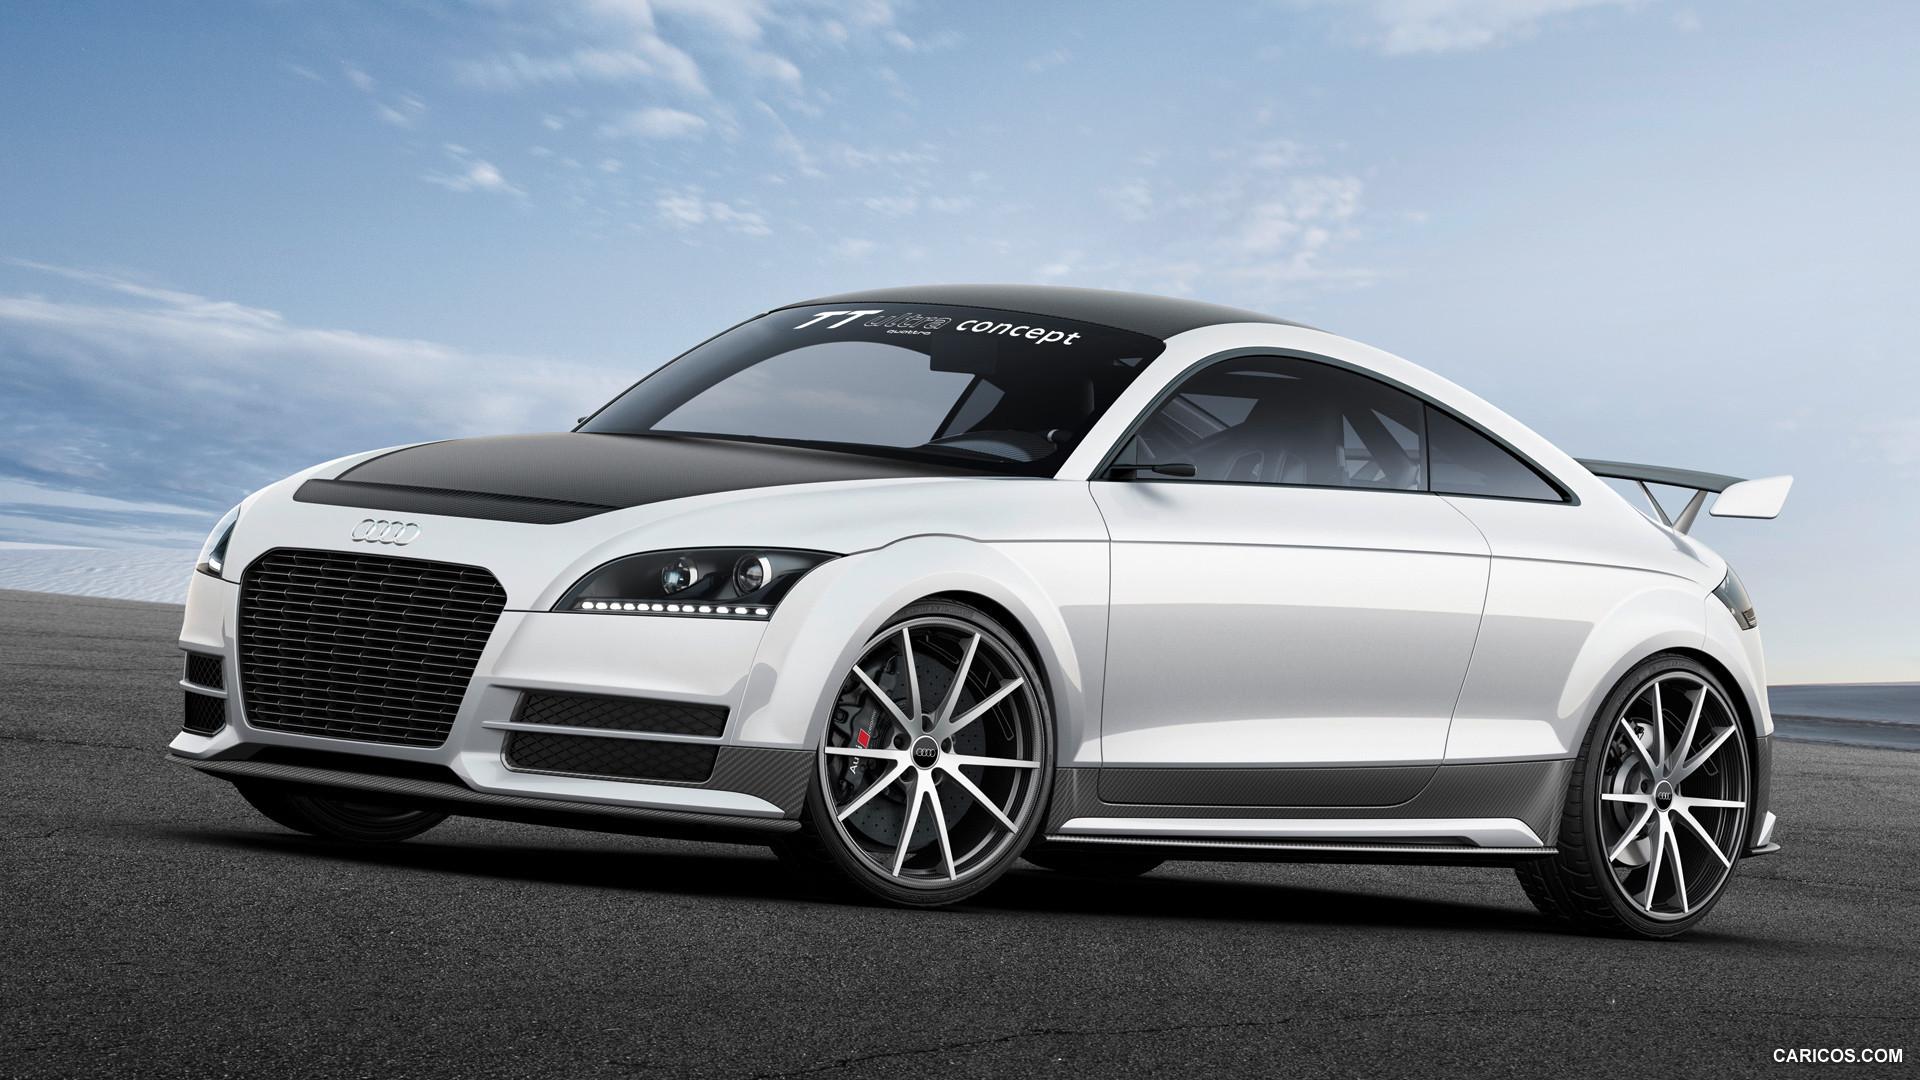 27980 скачать обои Транспорт, Машины, Ауди (Audi) - заставки и картинки бесплатно